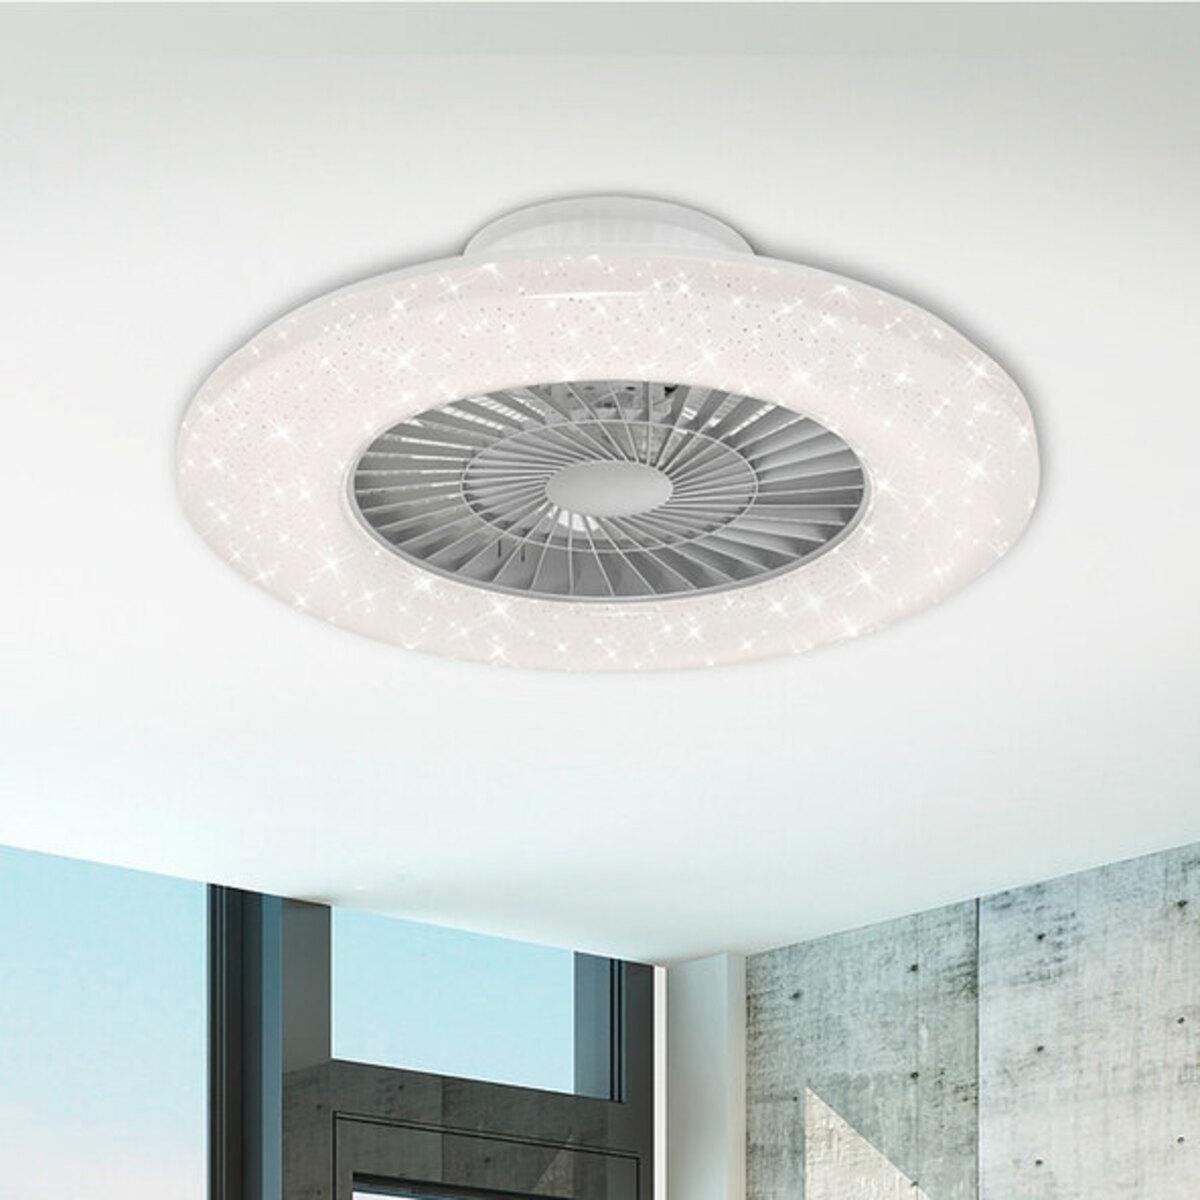 Bild 1 von LED-Deckenleuchte mit Ventilator